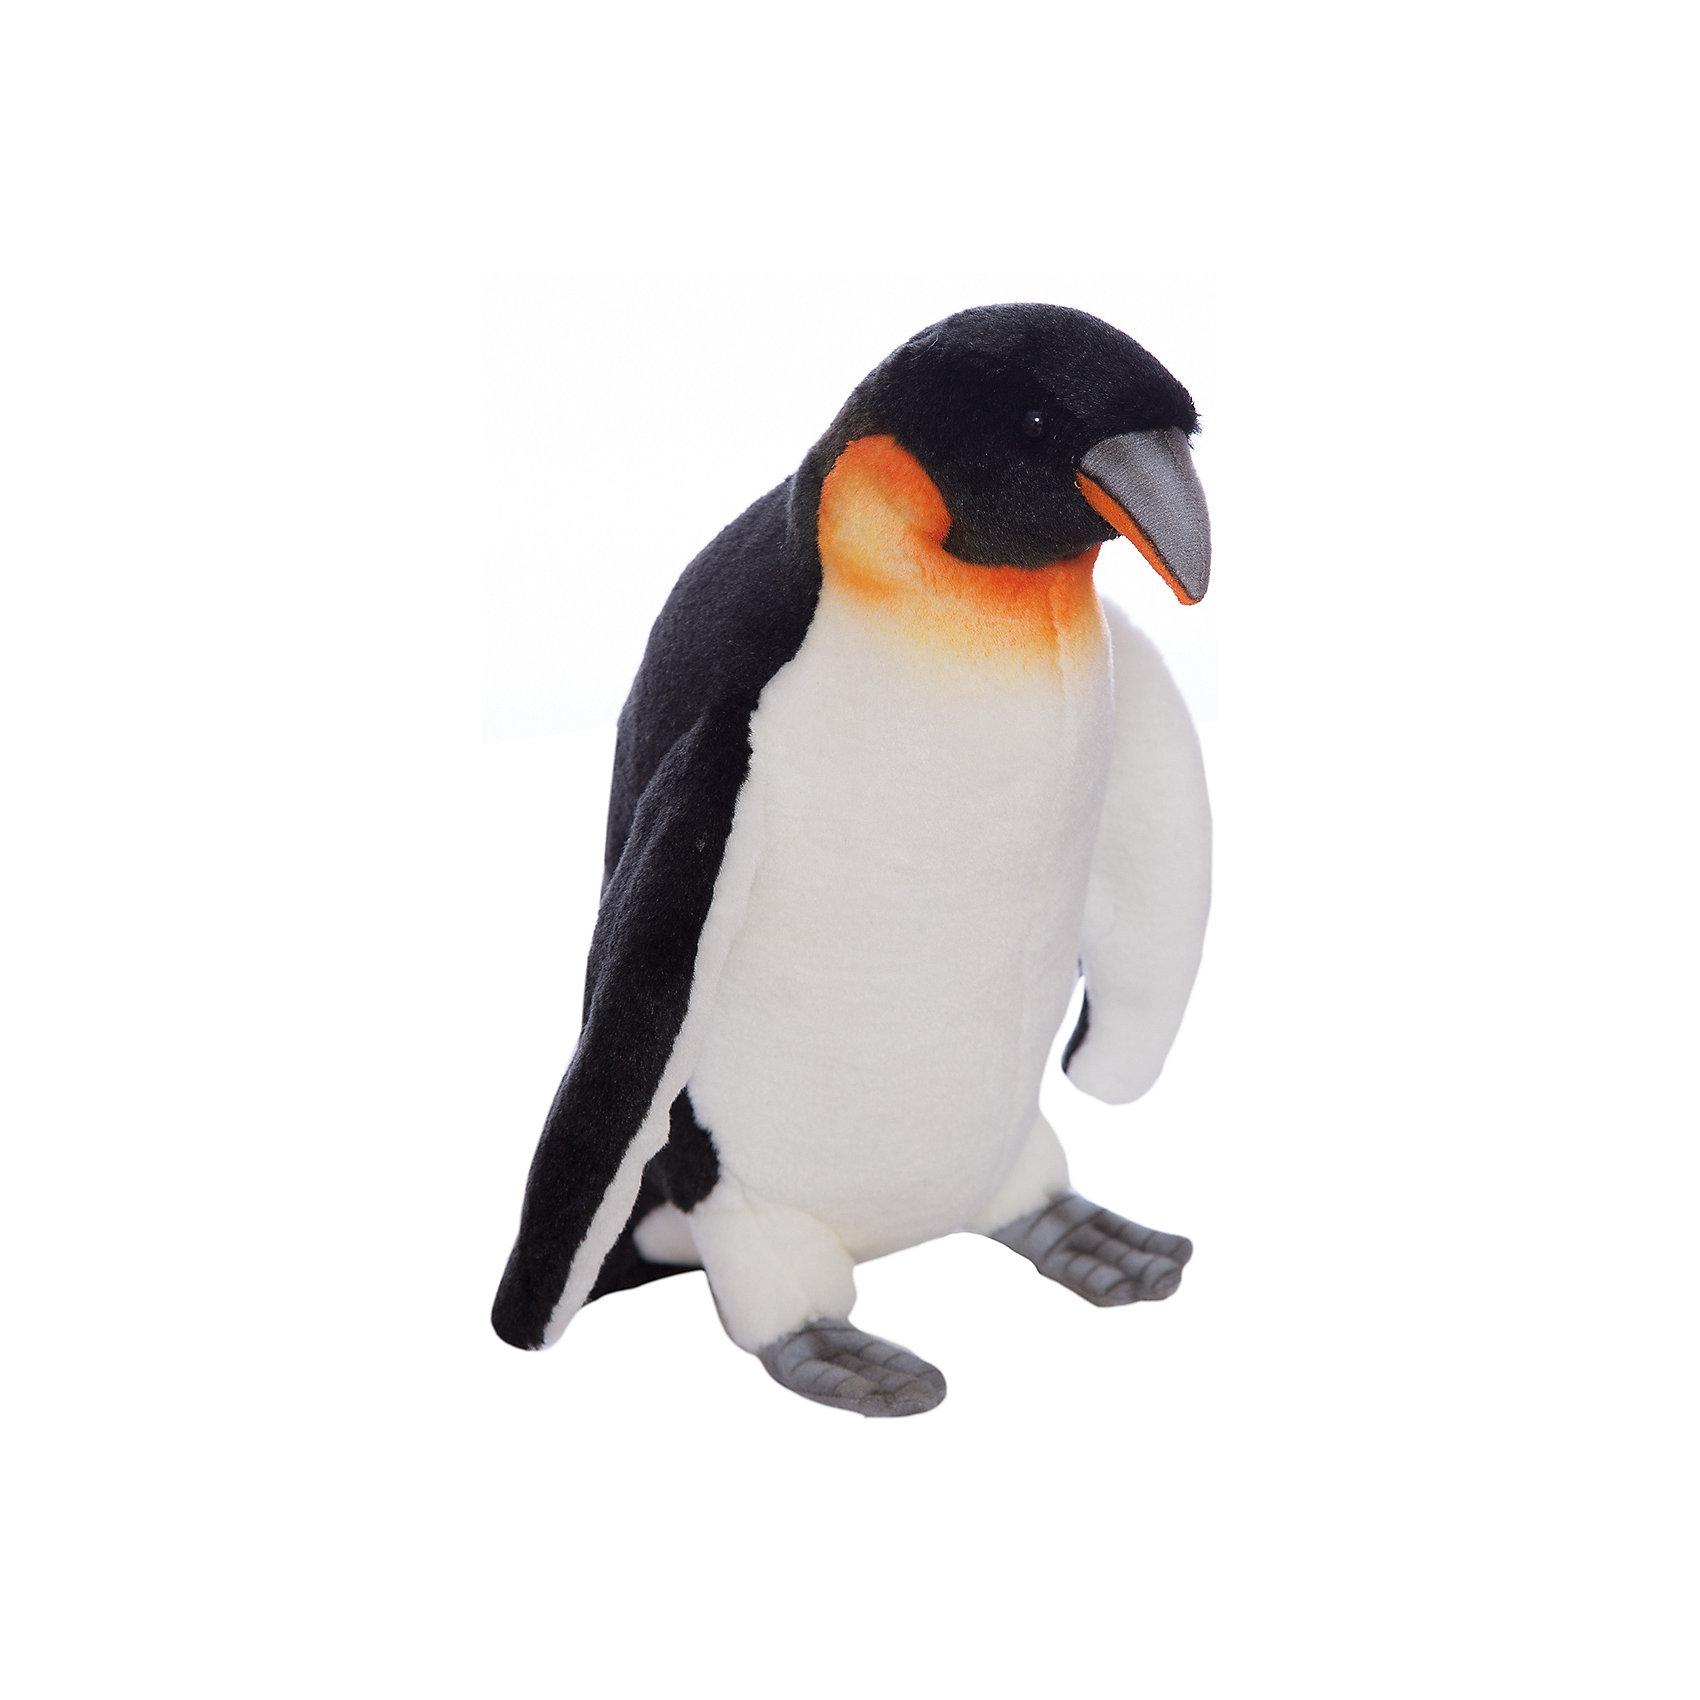 Императорский пингвин, 24 см, HansaЗвери и птицы<br>Императорский пингвин, 24 см – игрушка от знаменитого бренда Hansa, специализирующегося на выпуске мягких игрушек с высокой степенью натуралистичности. Внешний вид игрушечного пингвина полностью соответствует своему реальному прототипу. Он выполнен из искусственного меха с коротким ворсом. У игрушечного пингвина спинка черного цвета, грудка – белого. Использованные материалы обладают гипоаллергенными свойствами. Внутри игрушки имеется металлический каркас, позволяющий изменять положение. <br>Игрушка относится к серии Дикие животные. <br>Мягкие игрушки от Hansa подходят для сюжетно-ролевых игр, для обучающих игр, направленных на знакомство с животным миром дикой природы. Кроме того, их можно использовать в качестве интерьерных игрушек. Коллекция из нескольких игрушек позволяет создать свой домашний зоопарк, который будет радовать вашего ребенка долгое время, так как ручная работа и качественные материалы гарантируют их долговечность и прочность.<br><br>Дополнительная информация:<br><br>- Вид игр: сюжетно-ролевые игры, коллекционирование, интерьерные игрушки<br>- Предназначение: для дома, для детских развивающих центров, для детских садов<br>- Материал: искусственный мех, наполнитель ? полиэфирное волокно<br>- Размер (ДхШхВ): 24*10*14 см<br>- Вес: 620 г<br>- Особенности ухода: сухая чистка при помощи пылесоса или щетки для одежды<br><br>Подробнее:<br><br>• Для детей в возрасте: от 3 лет <br>• Страна производитель: Филиппины<br>• Торговый бренд: Hansa<br><br>Императорского пингвина, 24 см можно купить в нашем интернет-магазине.<br><br>Ширина мм: 24<br>Глубина мм: 10<br>Высота мм: 14<br>Вес г: 620<br>Возраст от месяцев: 36<br>Возраст до месяцев: 2147483647<br>Пол: Унисекс<br>Возраст: Детский<br>SKU: 4927154